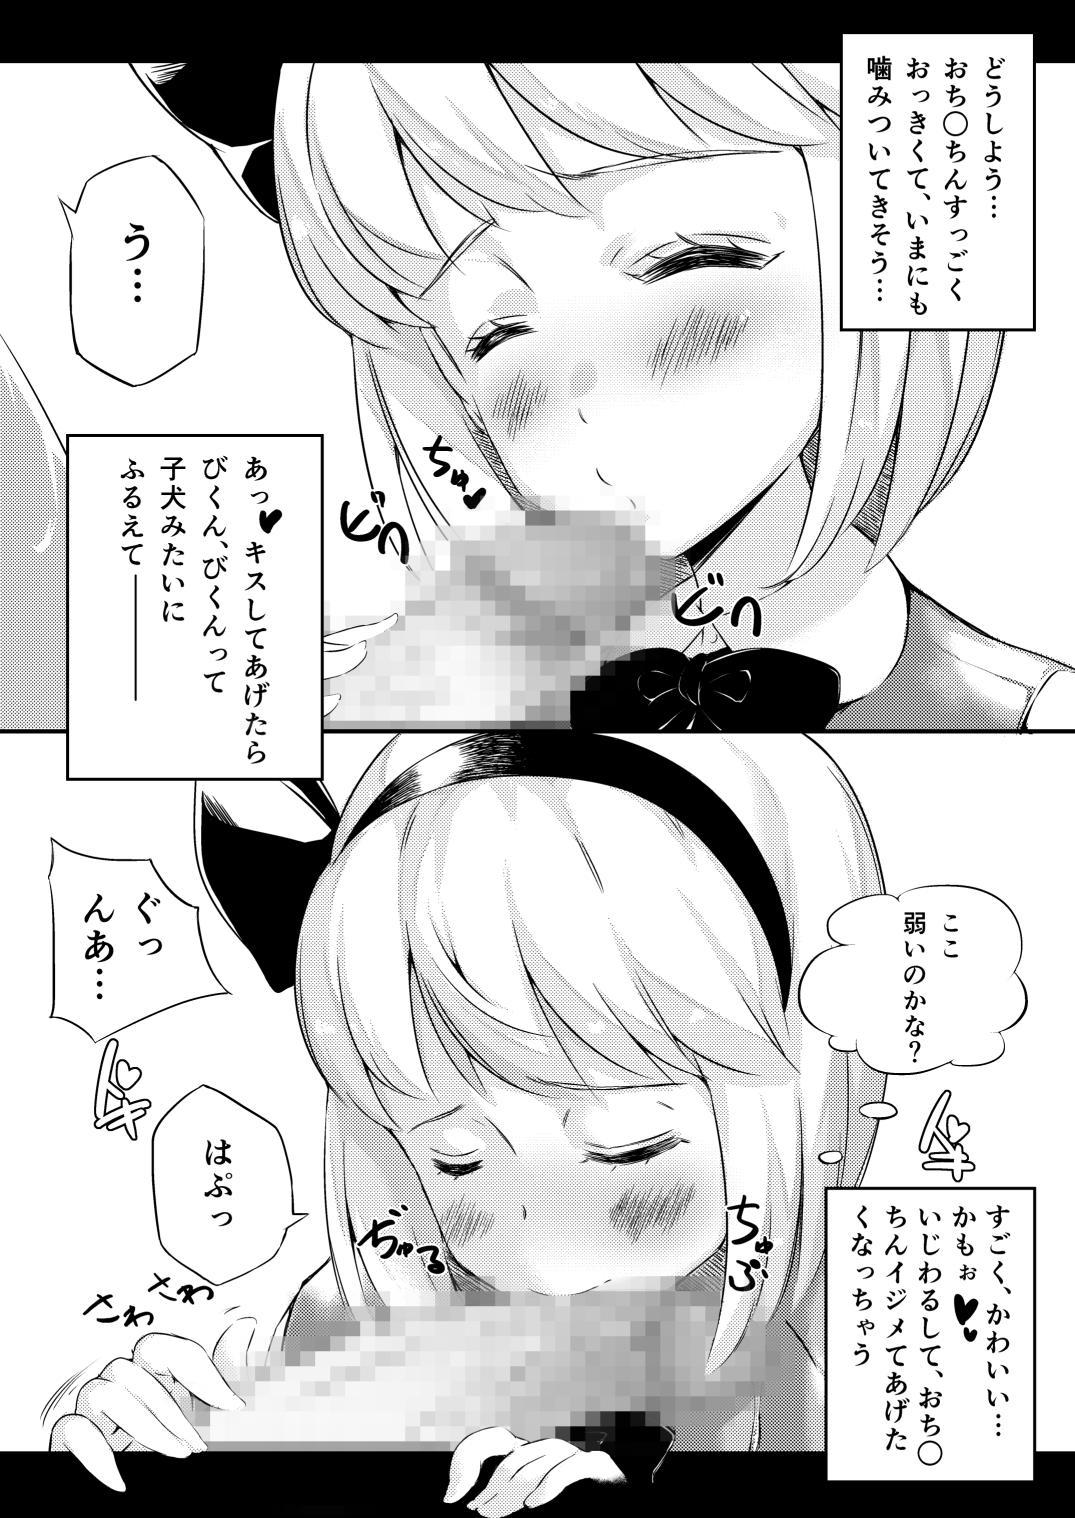 Iede Shita Niwashi no Musume ga Omoinohoka Erokatta Hanashi 4